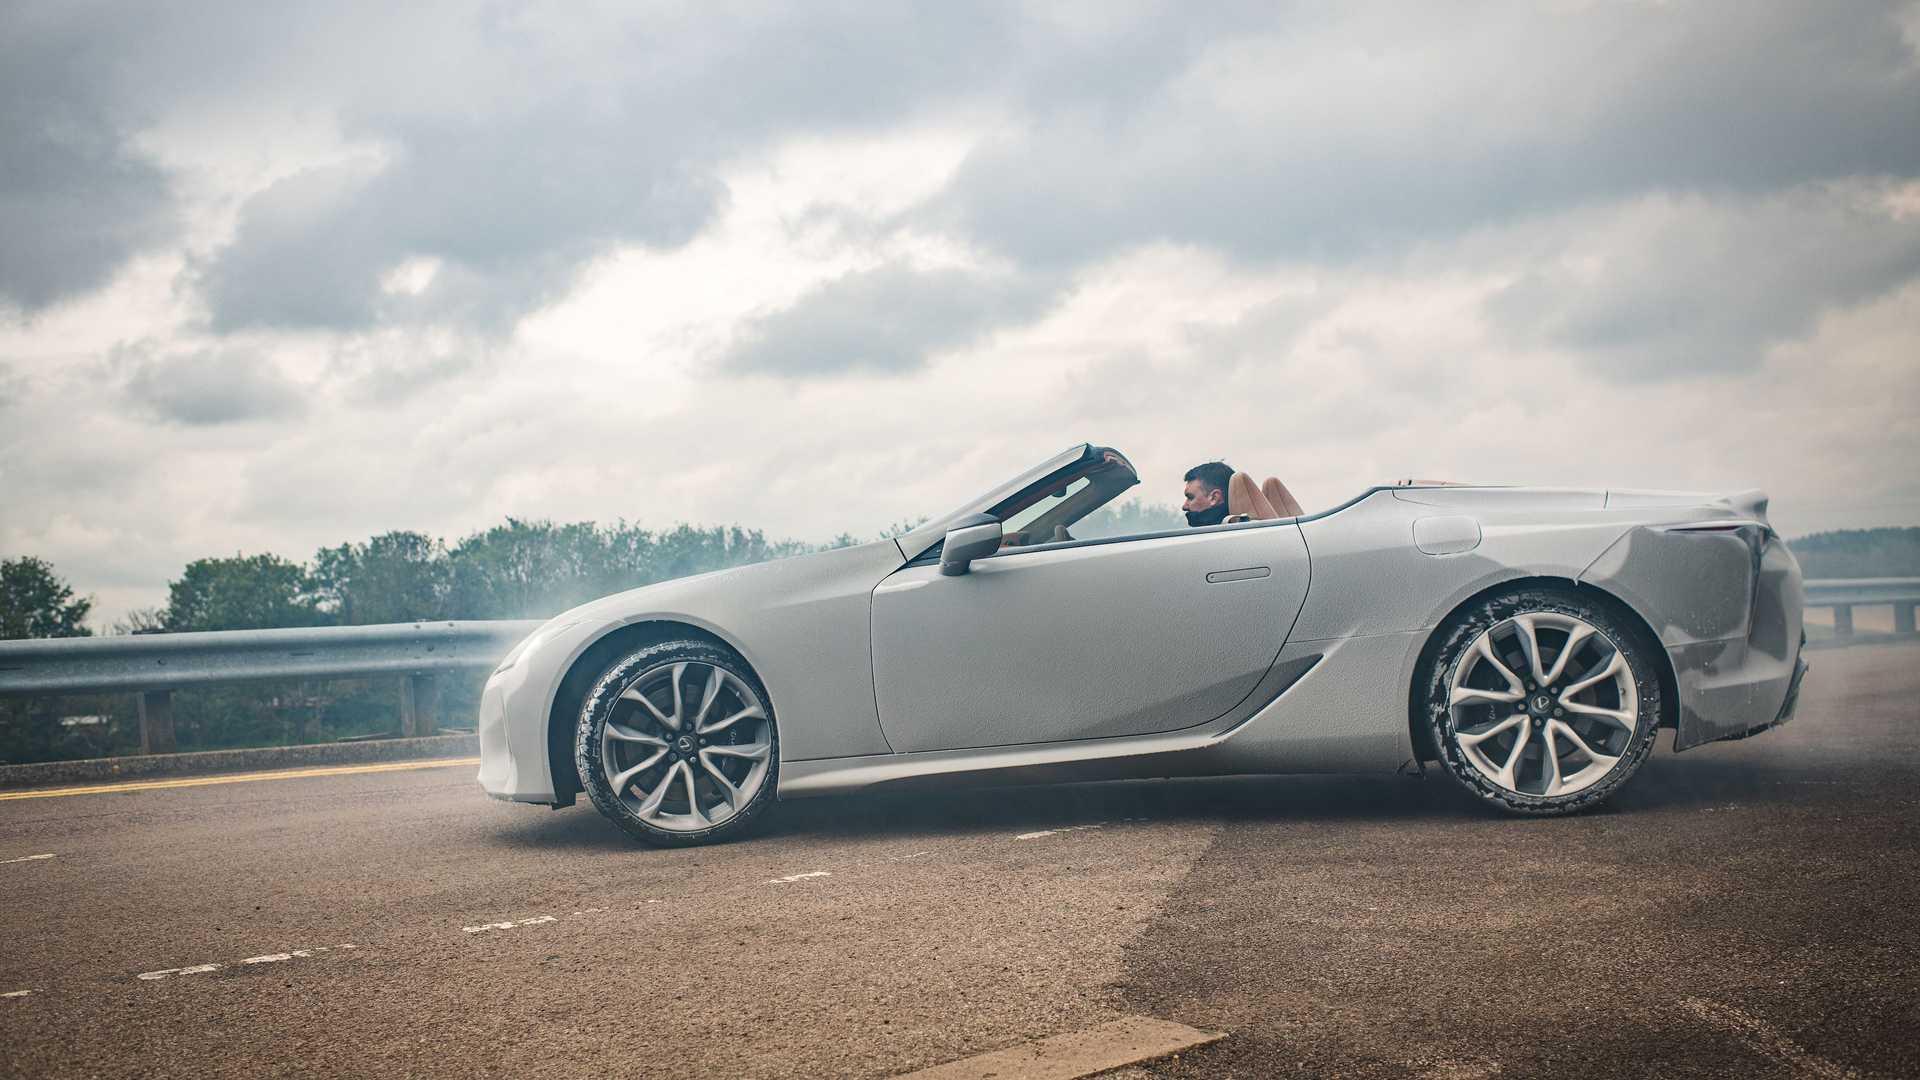 لكزس LC الكوبيه بلا شك واحدة من أروع السيارات في العالم